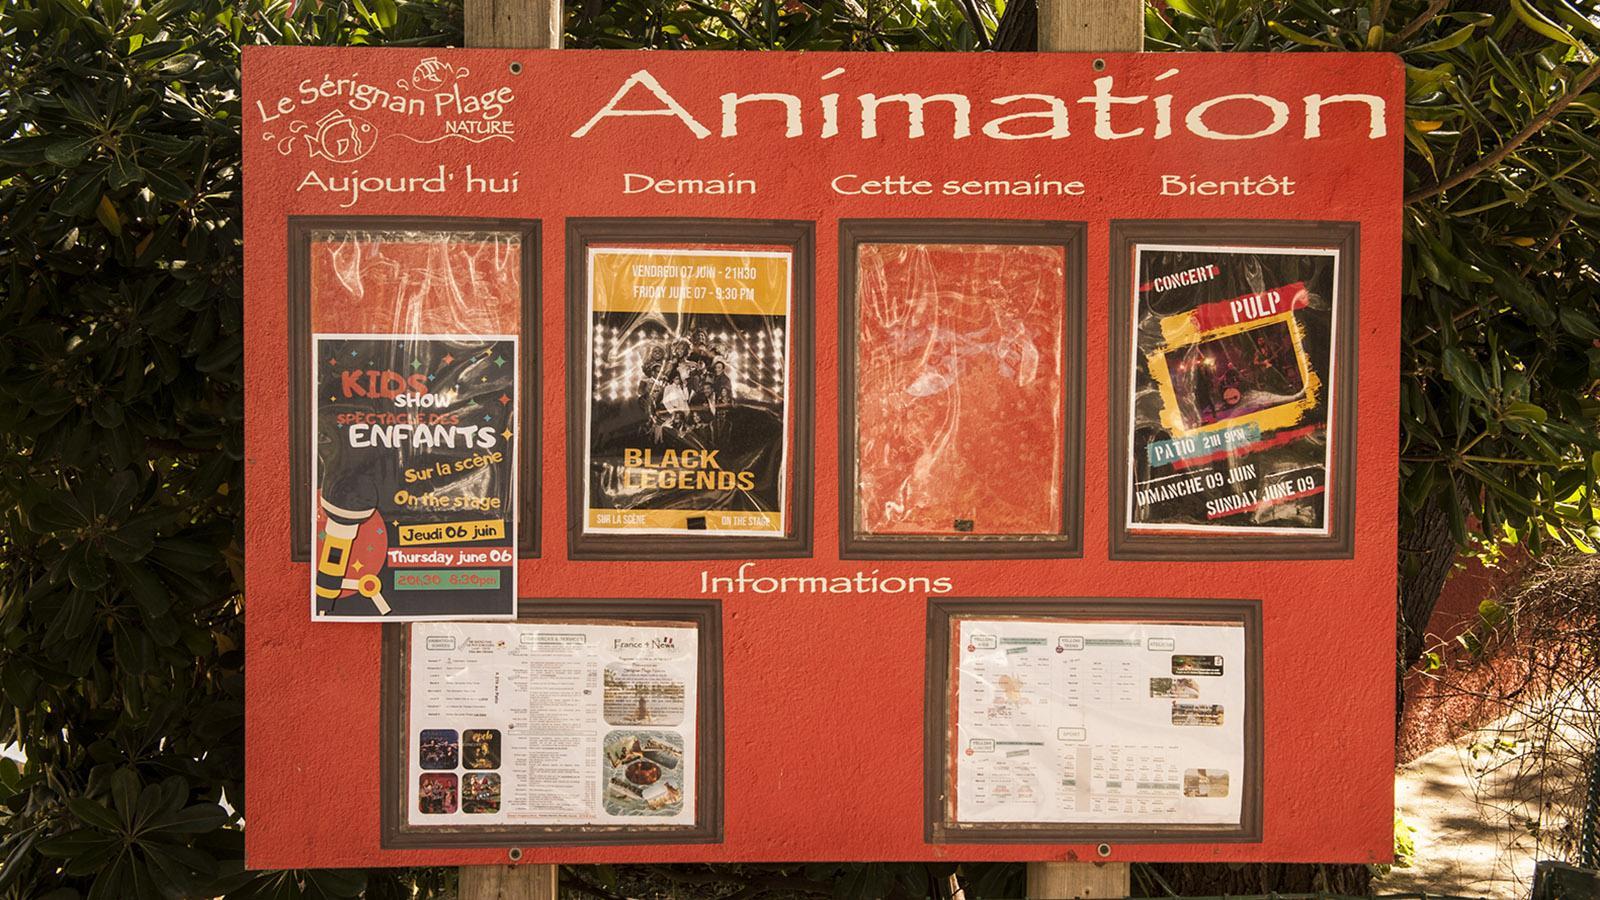 FKK in Frankreich: das Animationsprogramm von Le Sérignan Club Nature. Foto: Hilke Maunder